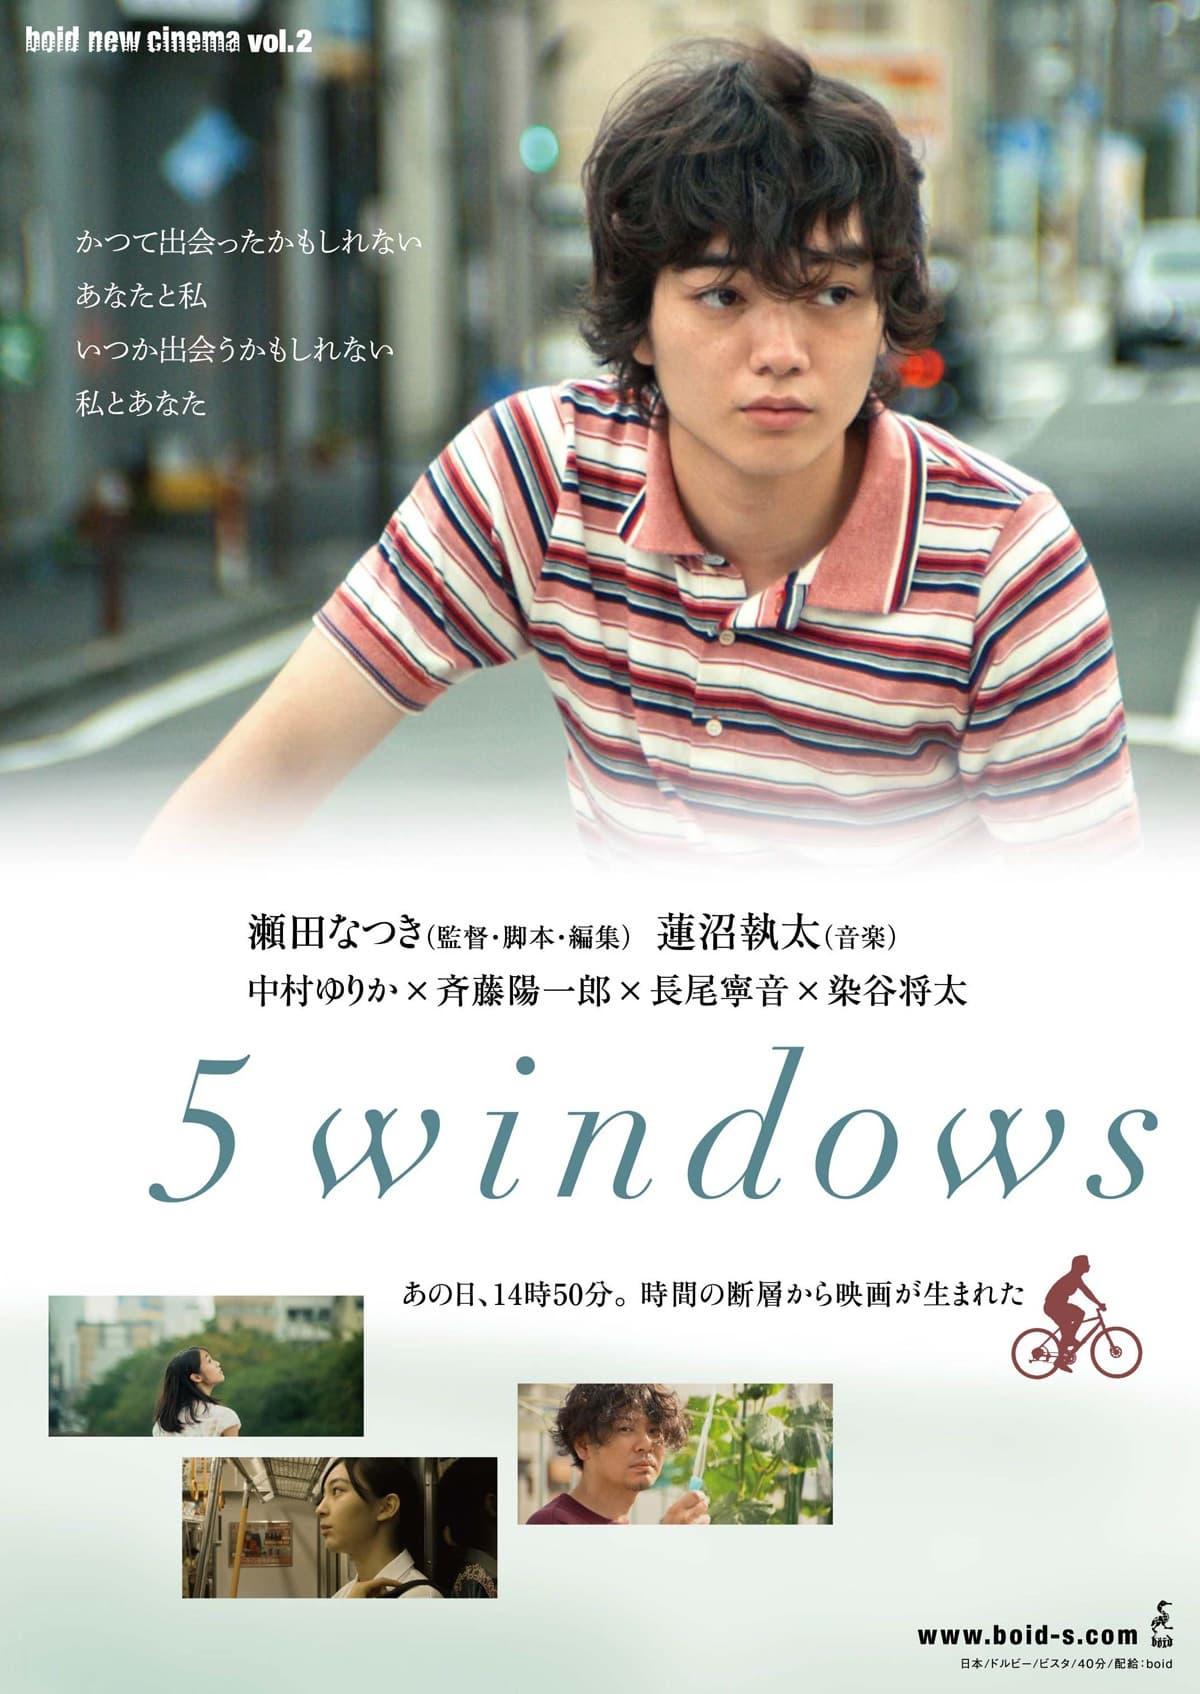 5windows